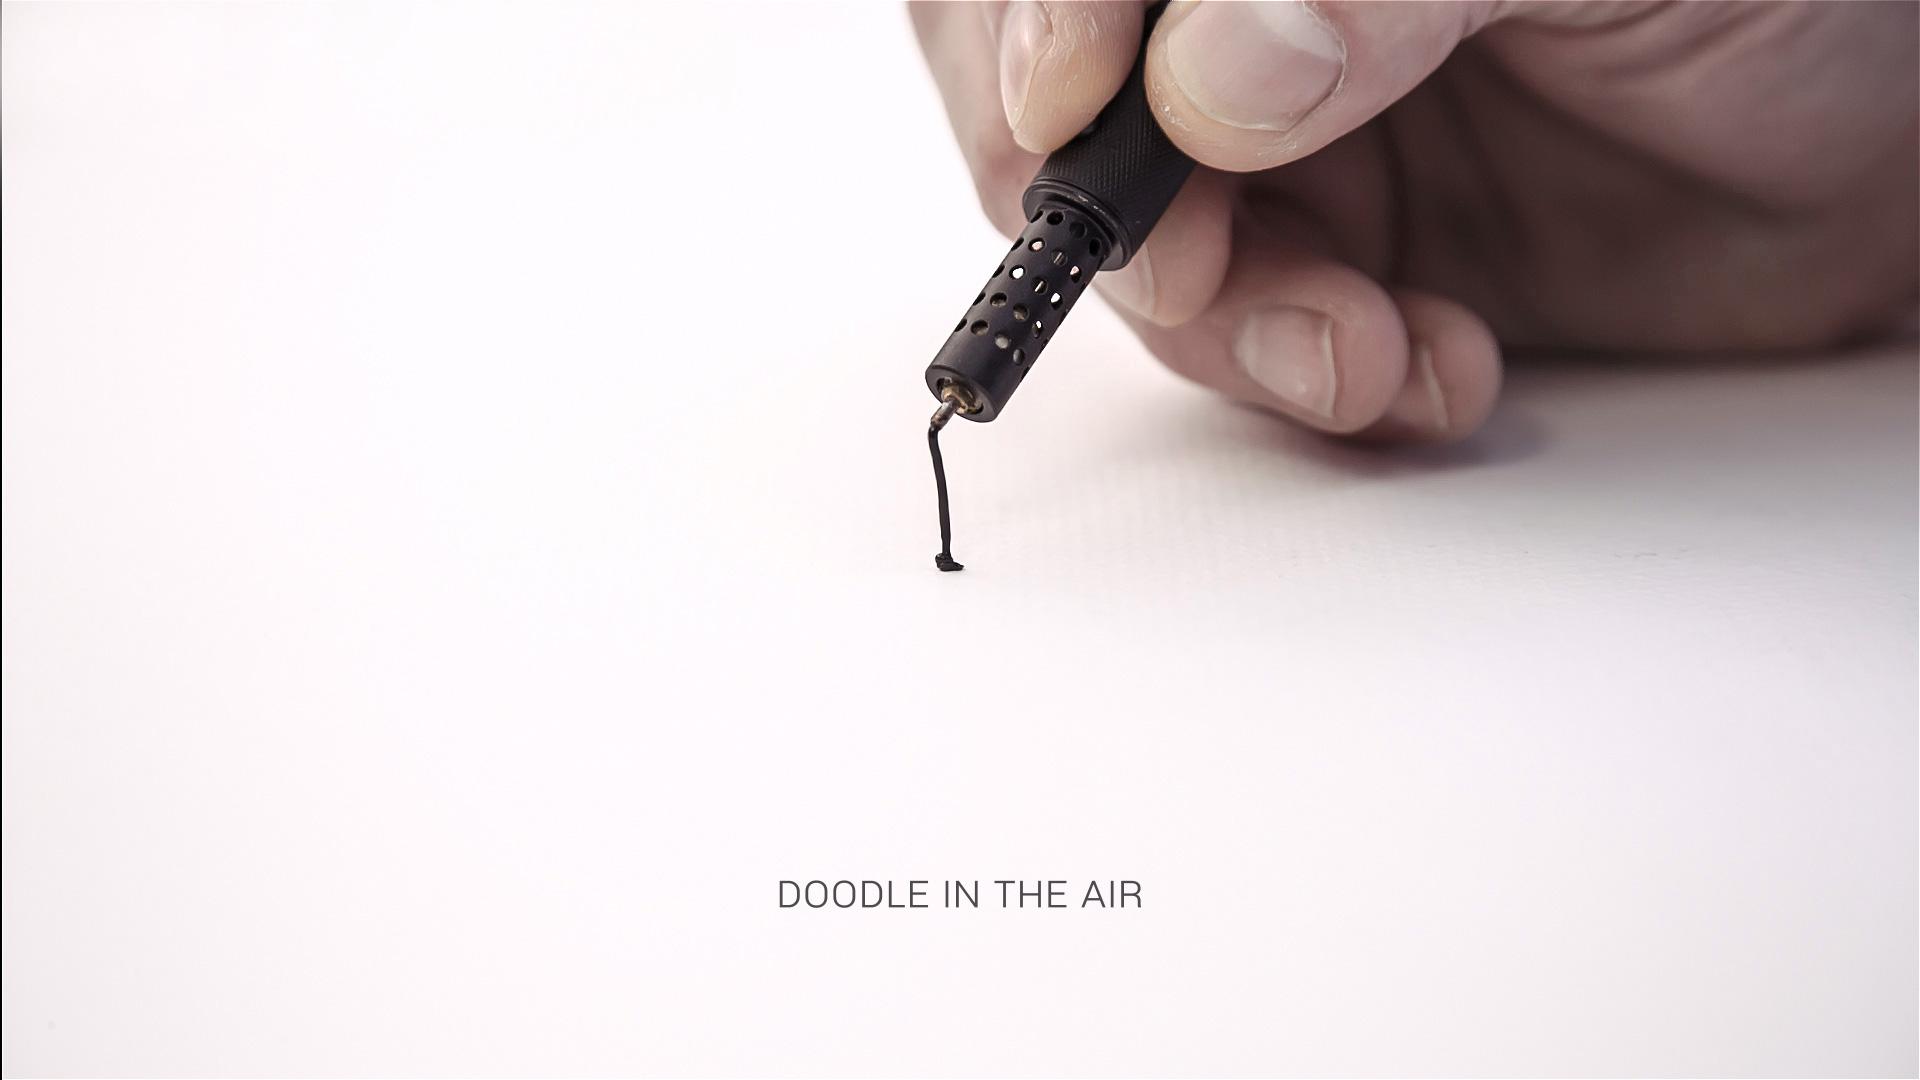 lix doodle